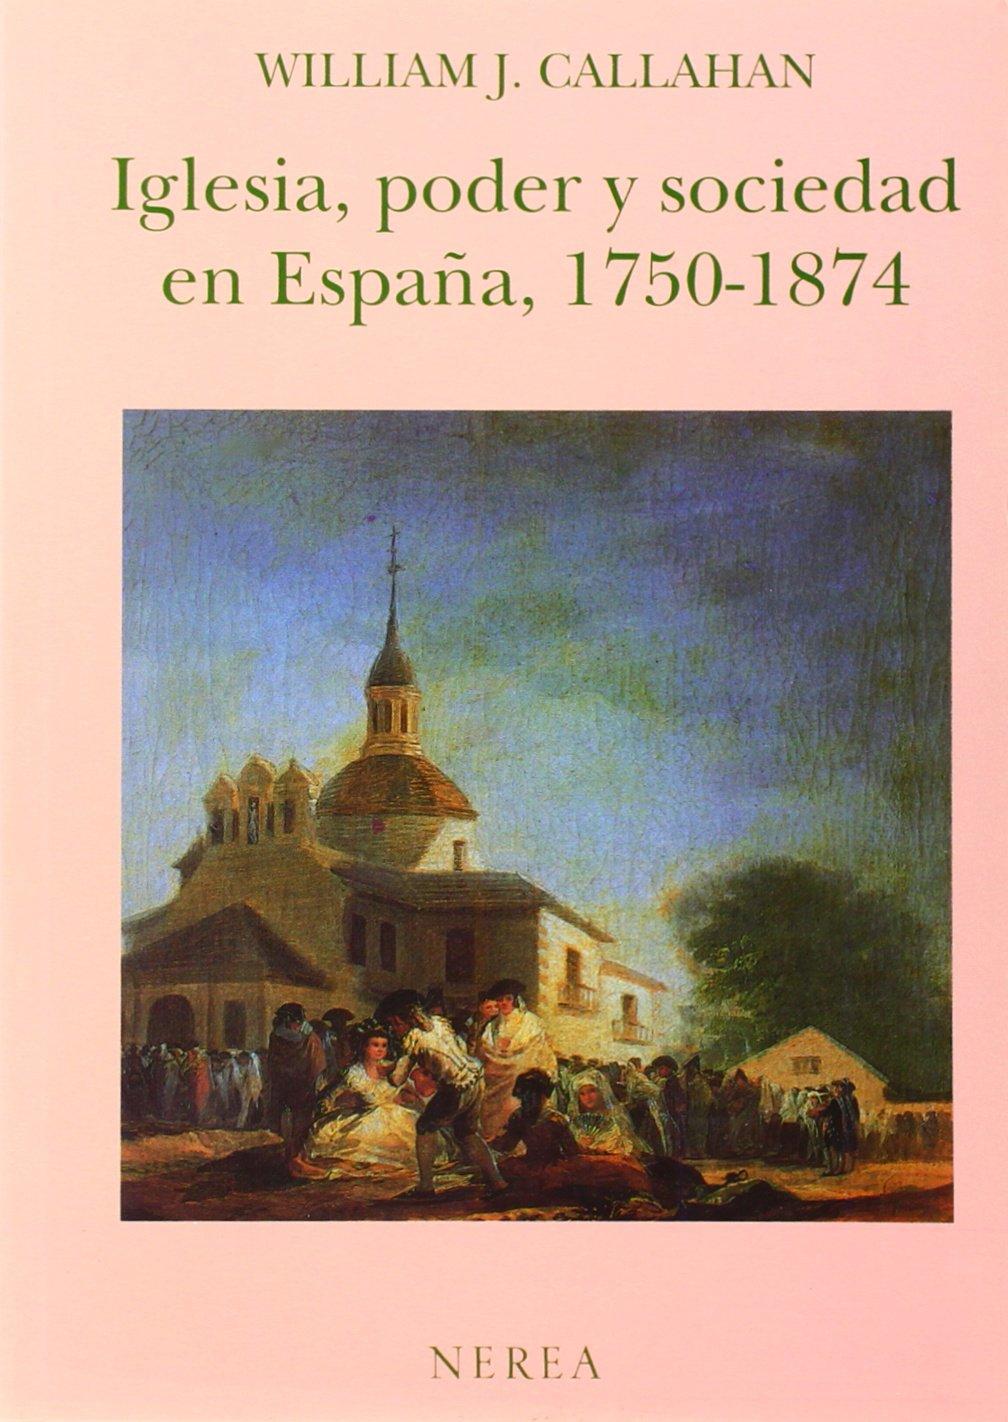 Iglesia, poder y sociedad en España 1750-1874 Historia: Amazon.es ...